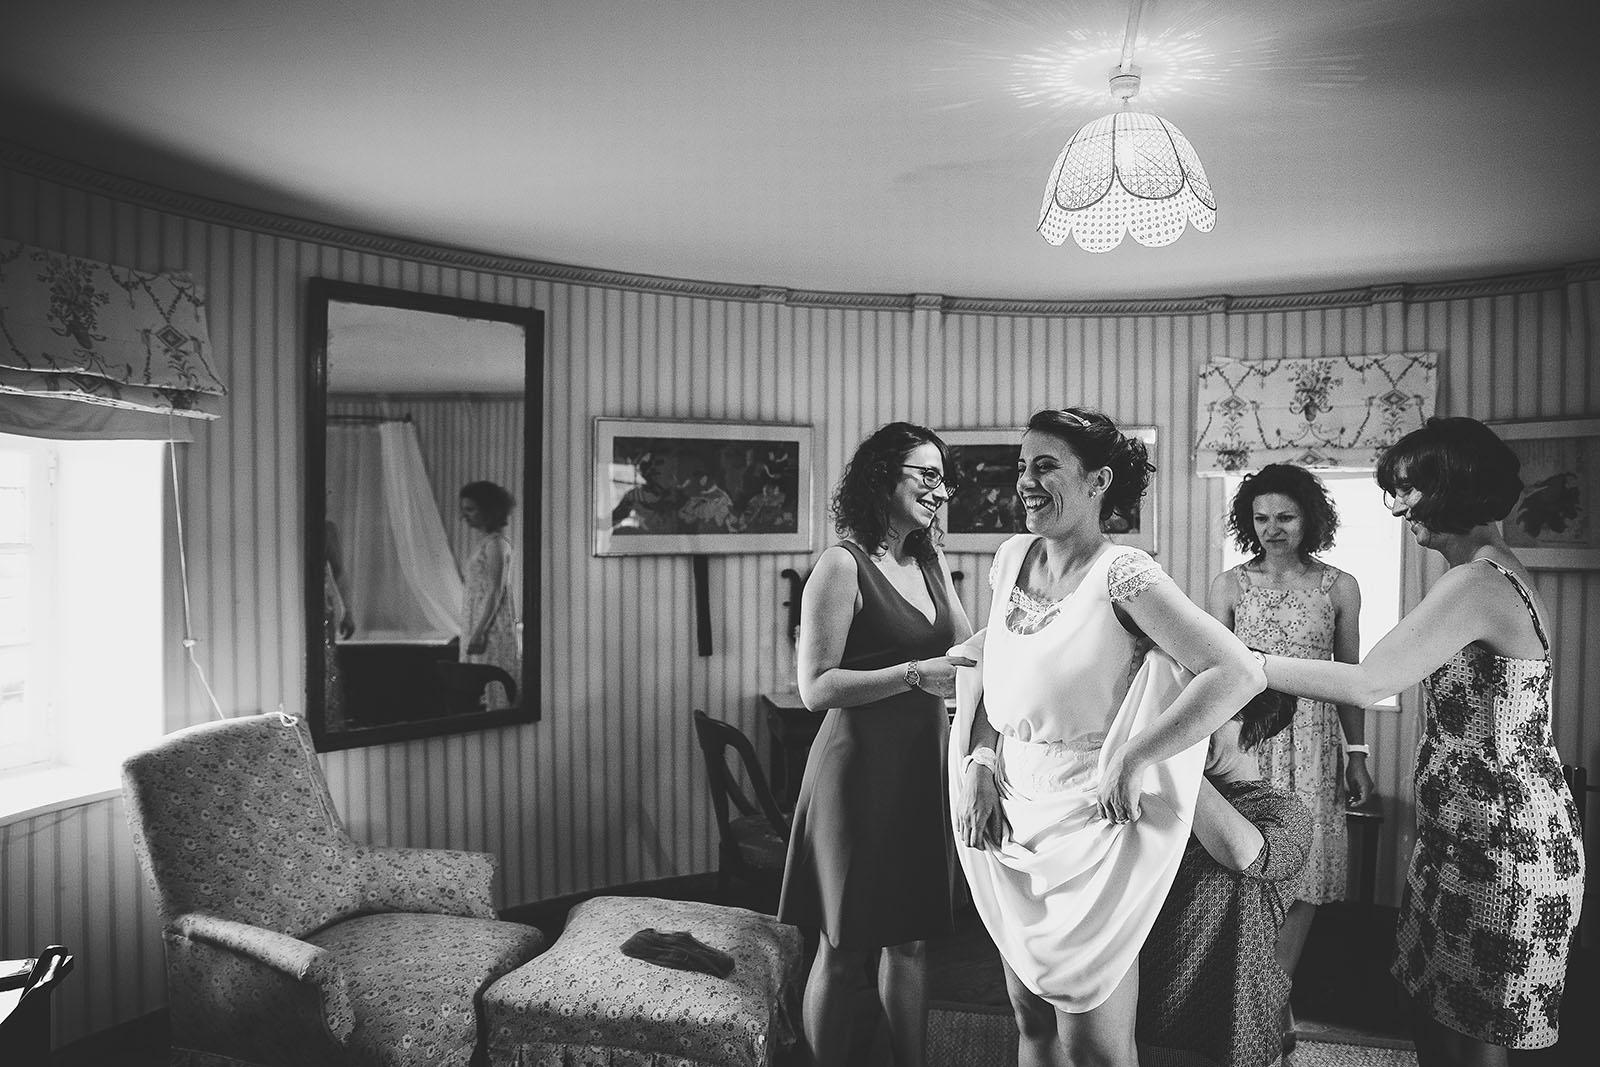 Mariage Château de Beauvoir. Les préparatifs de la mariée. Mettre sa robre avec ses amies. David Pommier photographe de mariage